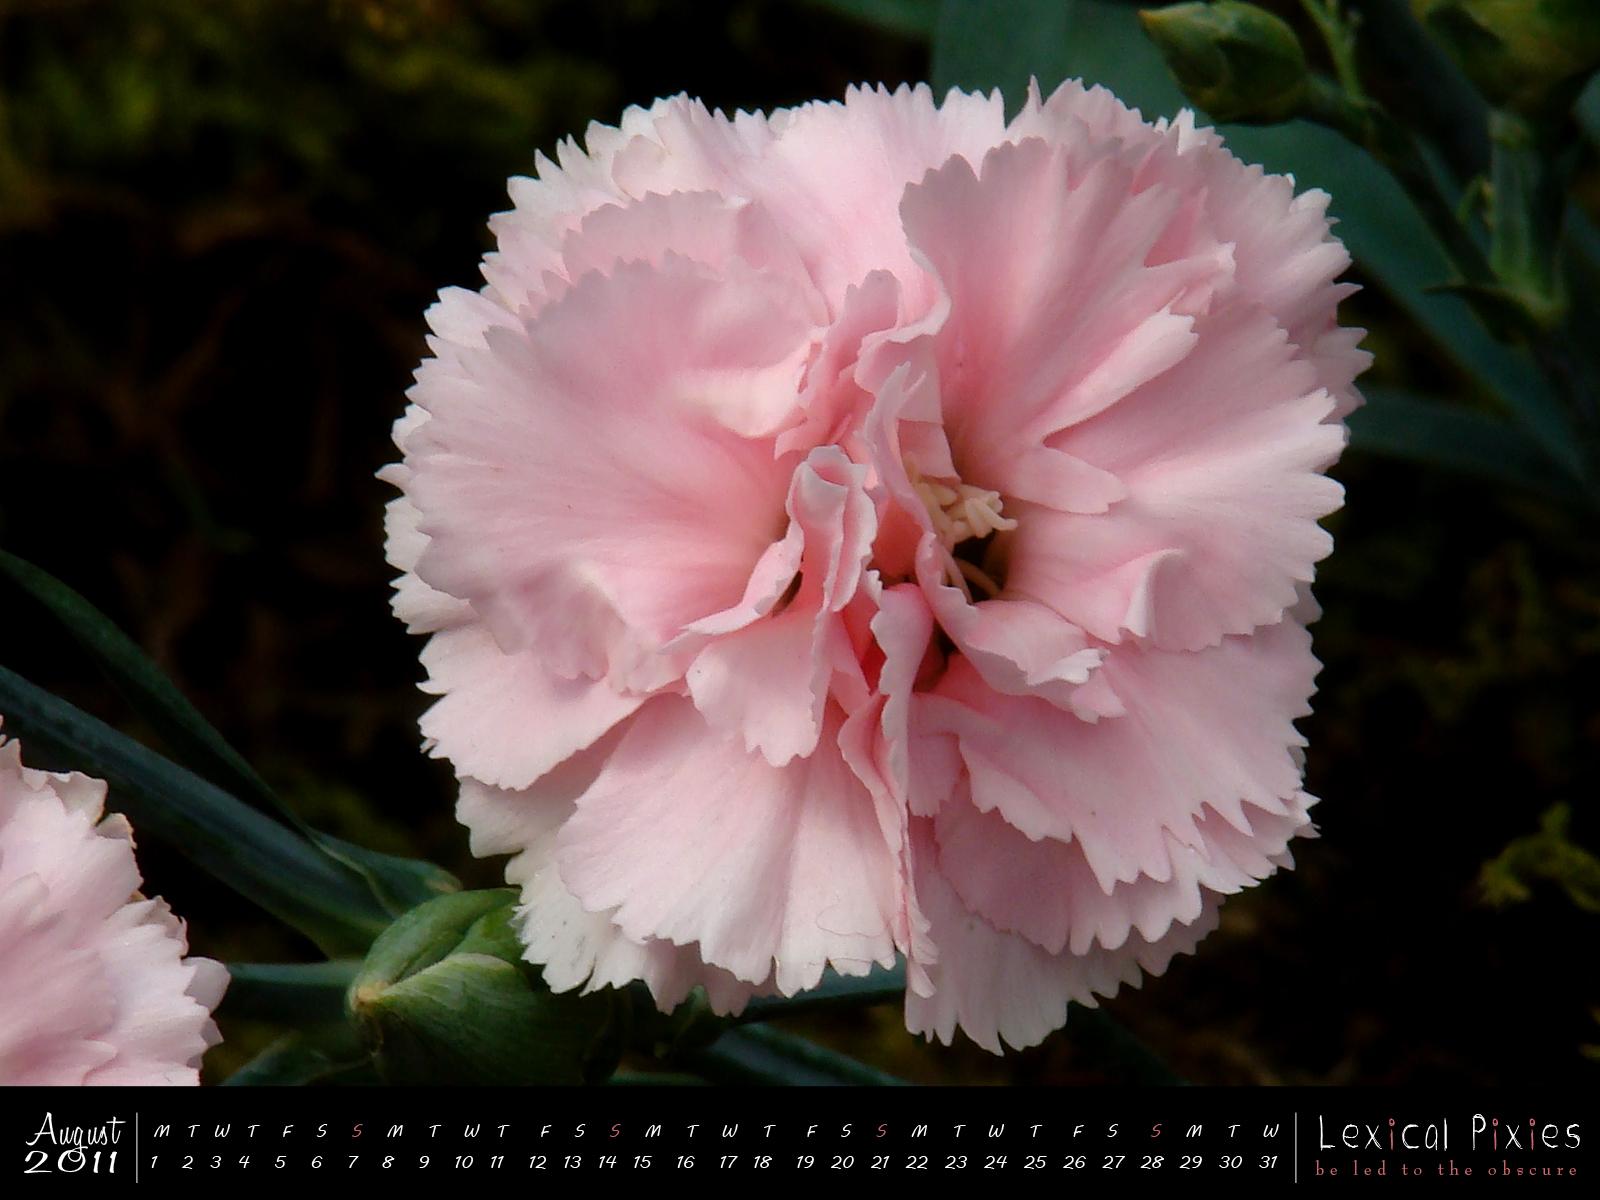 http://1.bp.blogspot.com/-rrBjDyCoOJ8/TjZQspd5-pI/AAAAAAAADxE/kgezOhG3PFY/s1600/08_calendar_2011_flower_aug.jpg